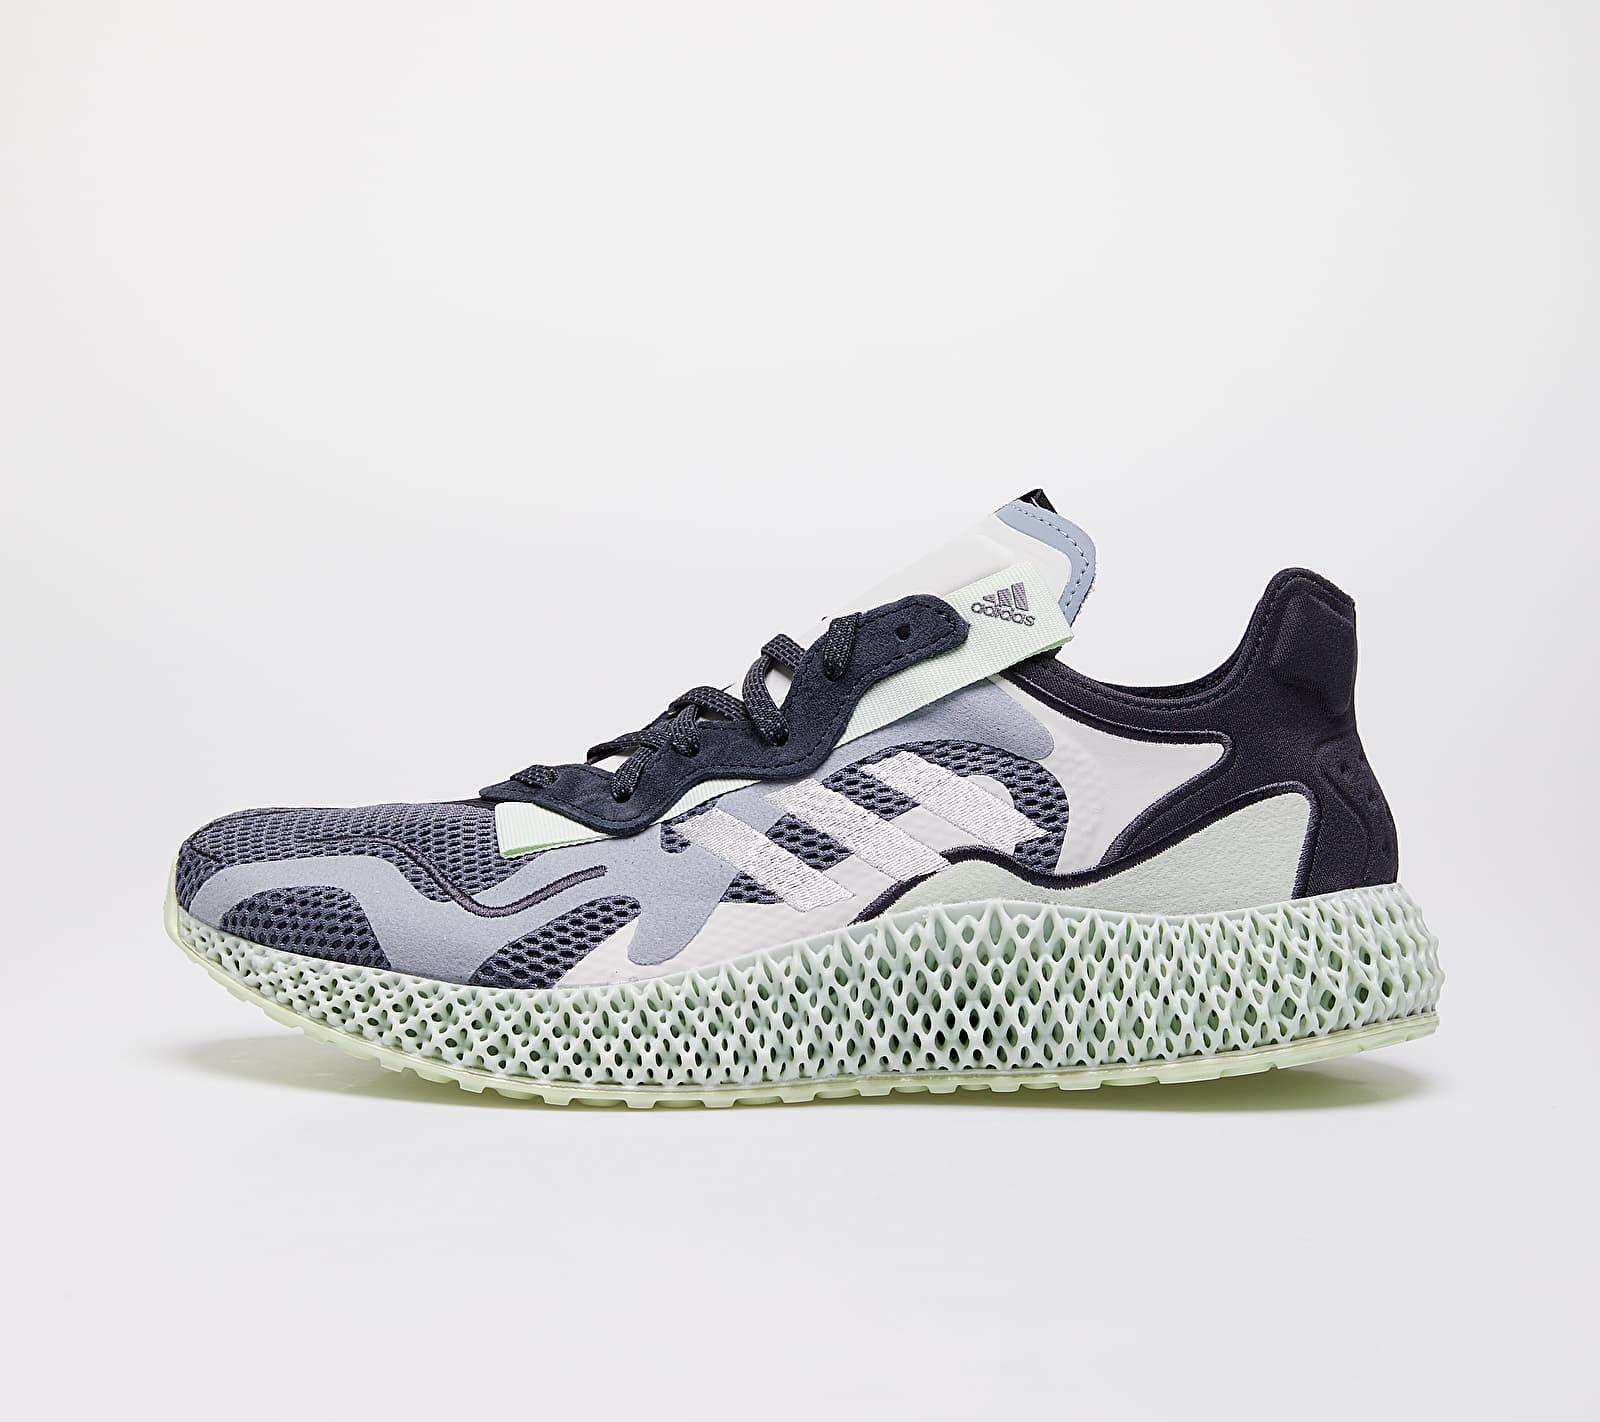 adidas Consortium Runner EVO 4D Onix/ White/ Light Green EG6510